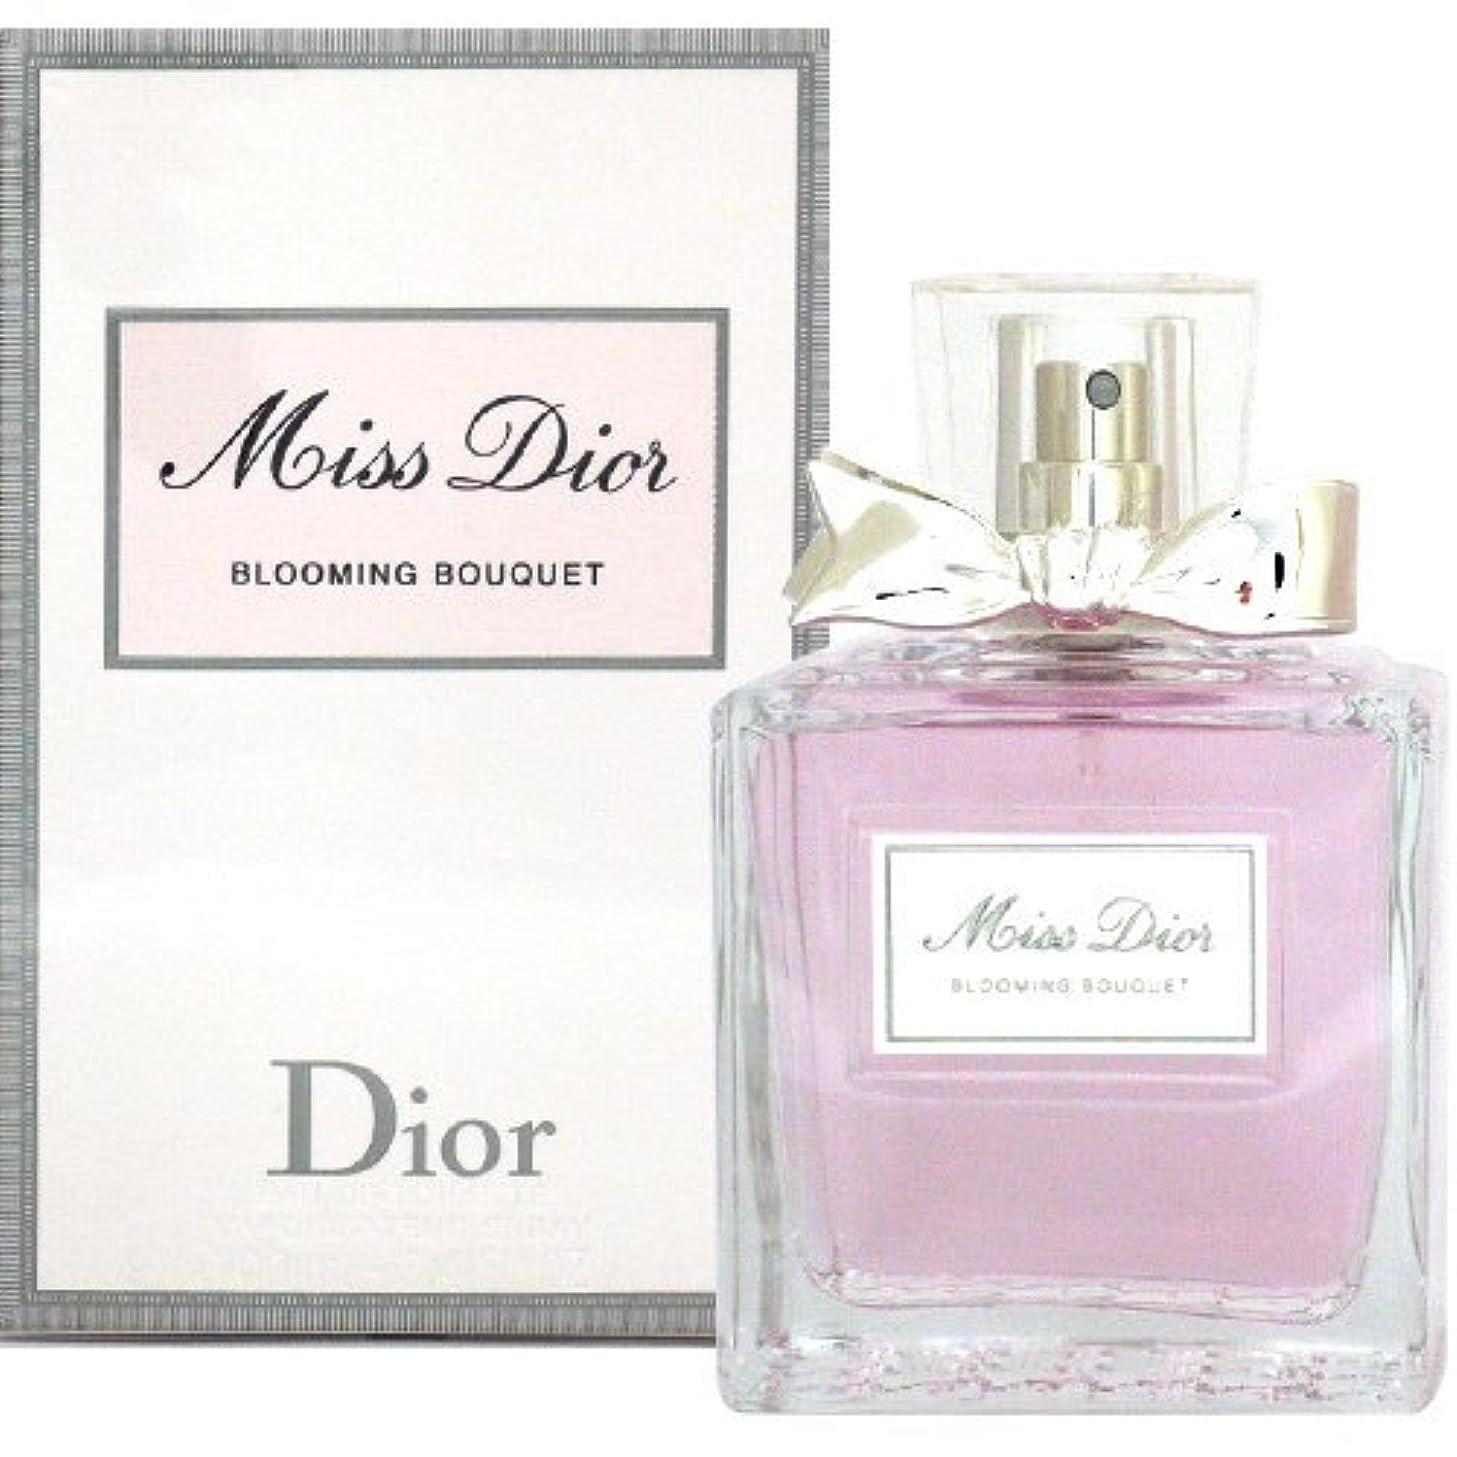 スイス人とんでもないかんがいクリスチャンディオール Christian Dior ミスディオール ブルーミングブーケ EDT100ml cdmdbbedt100 オードトワレ 香水 [並行輸入品]